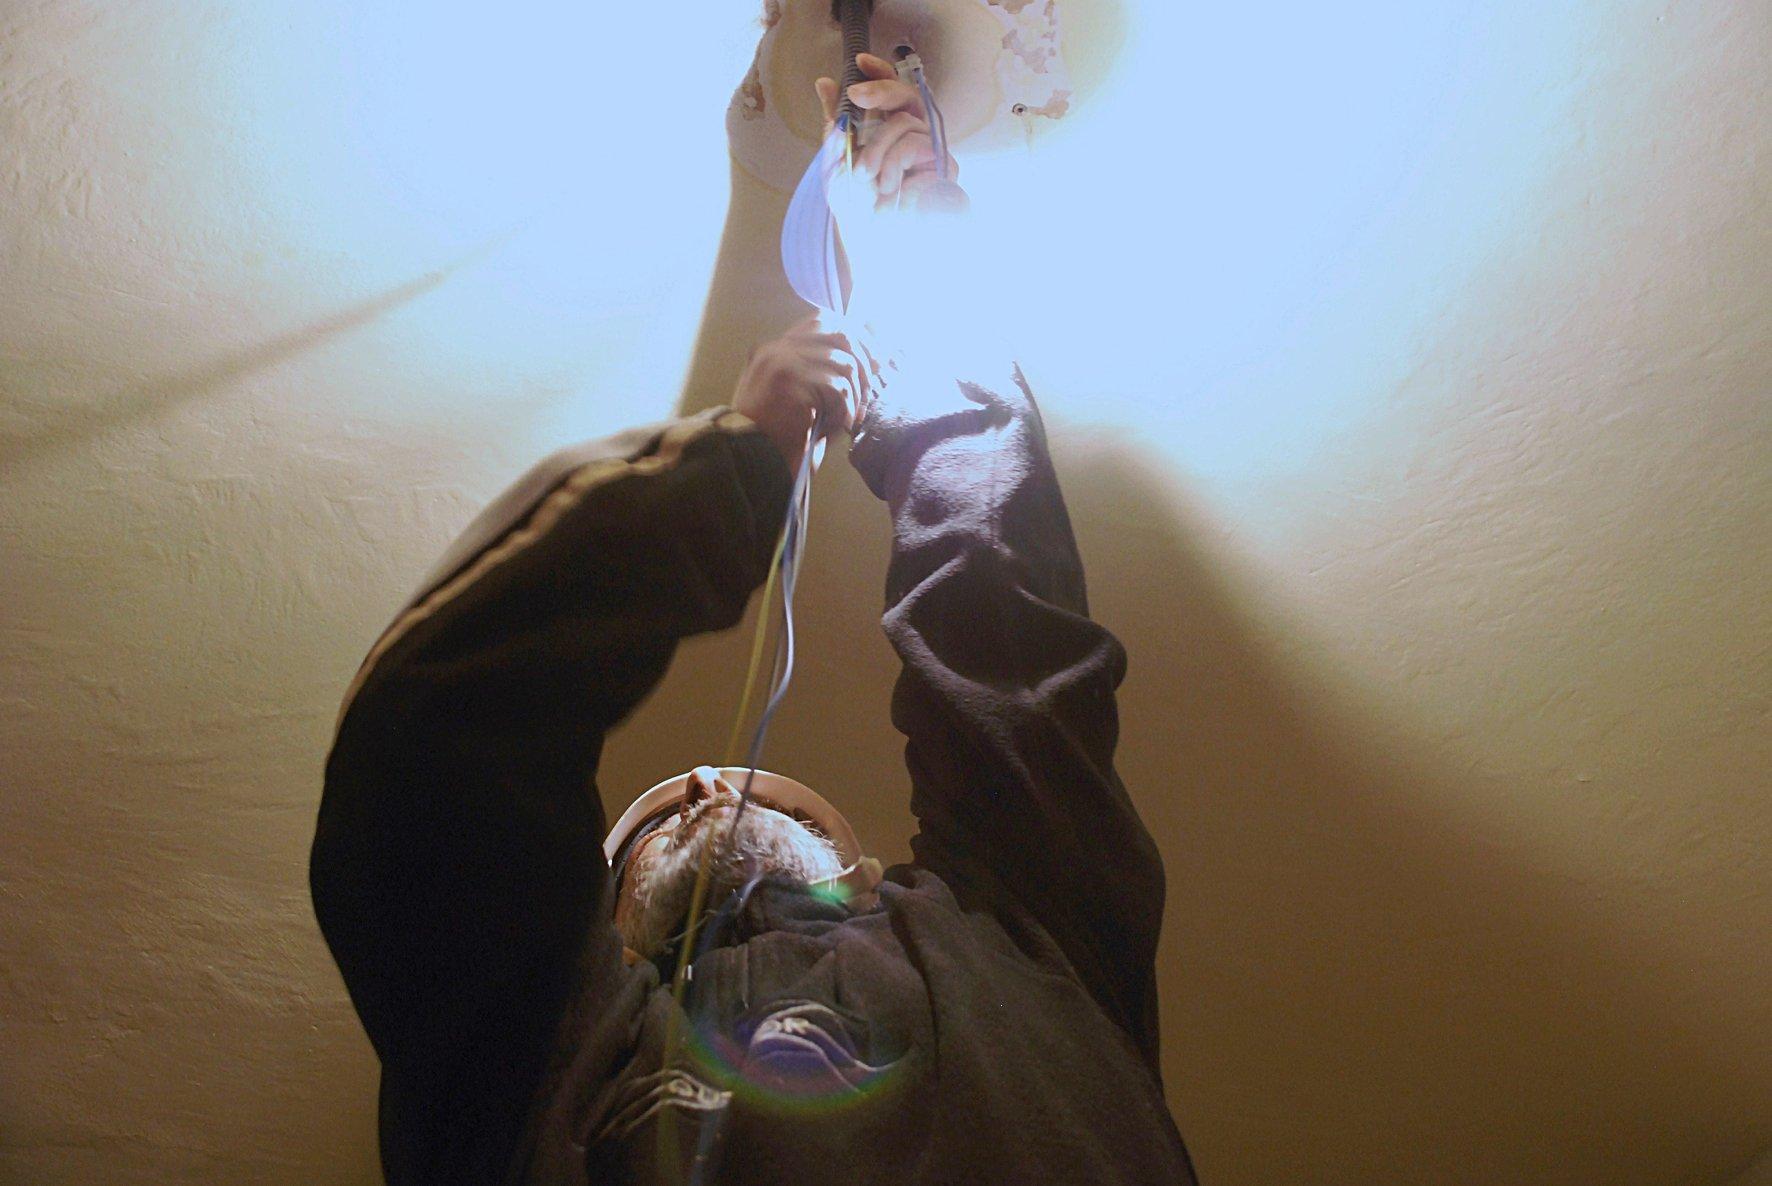 manovale che aggiusta una lampadina